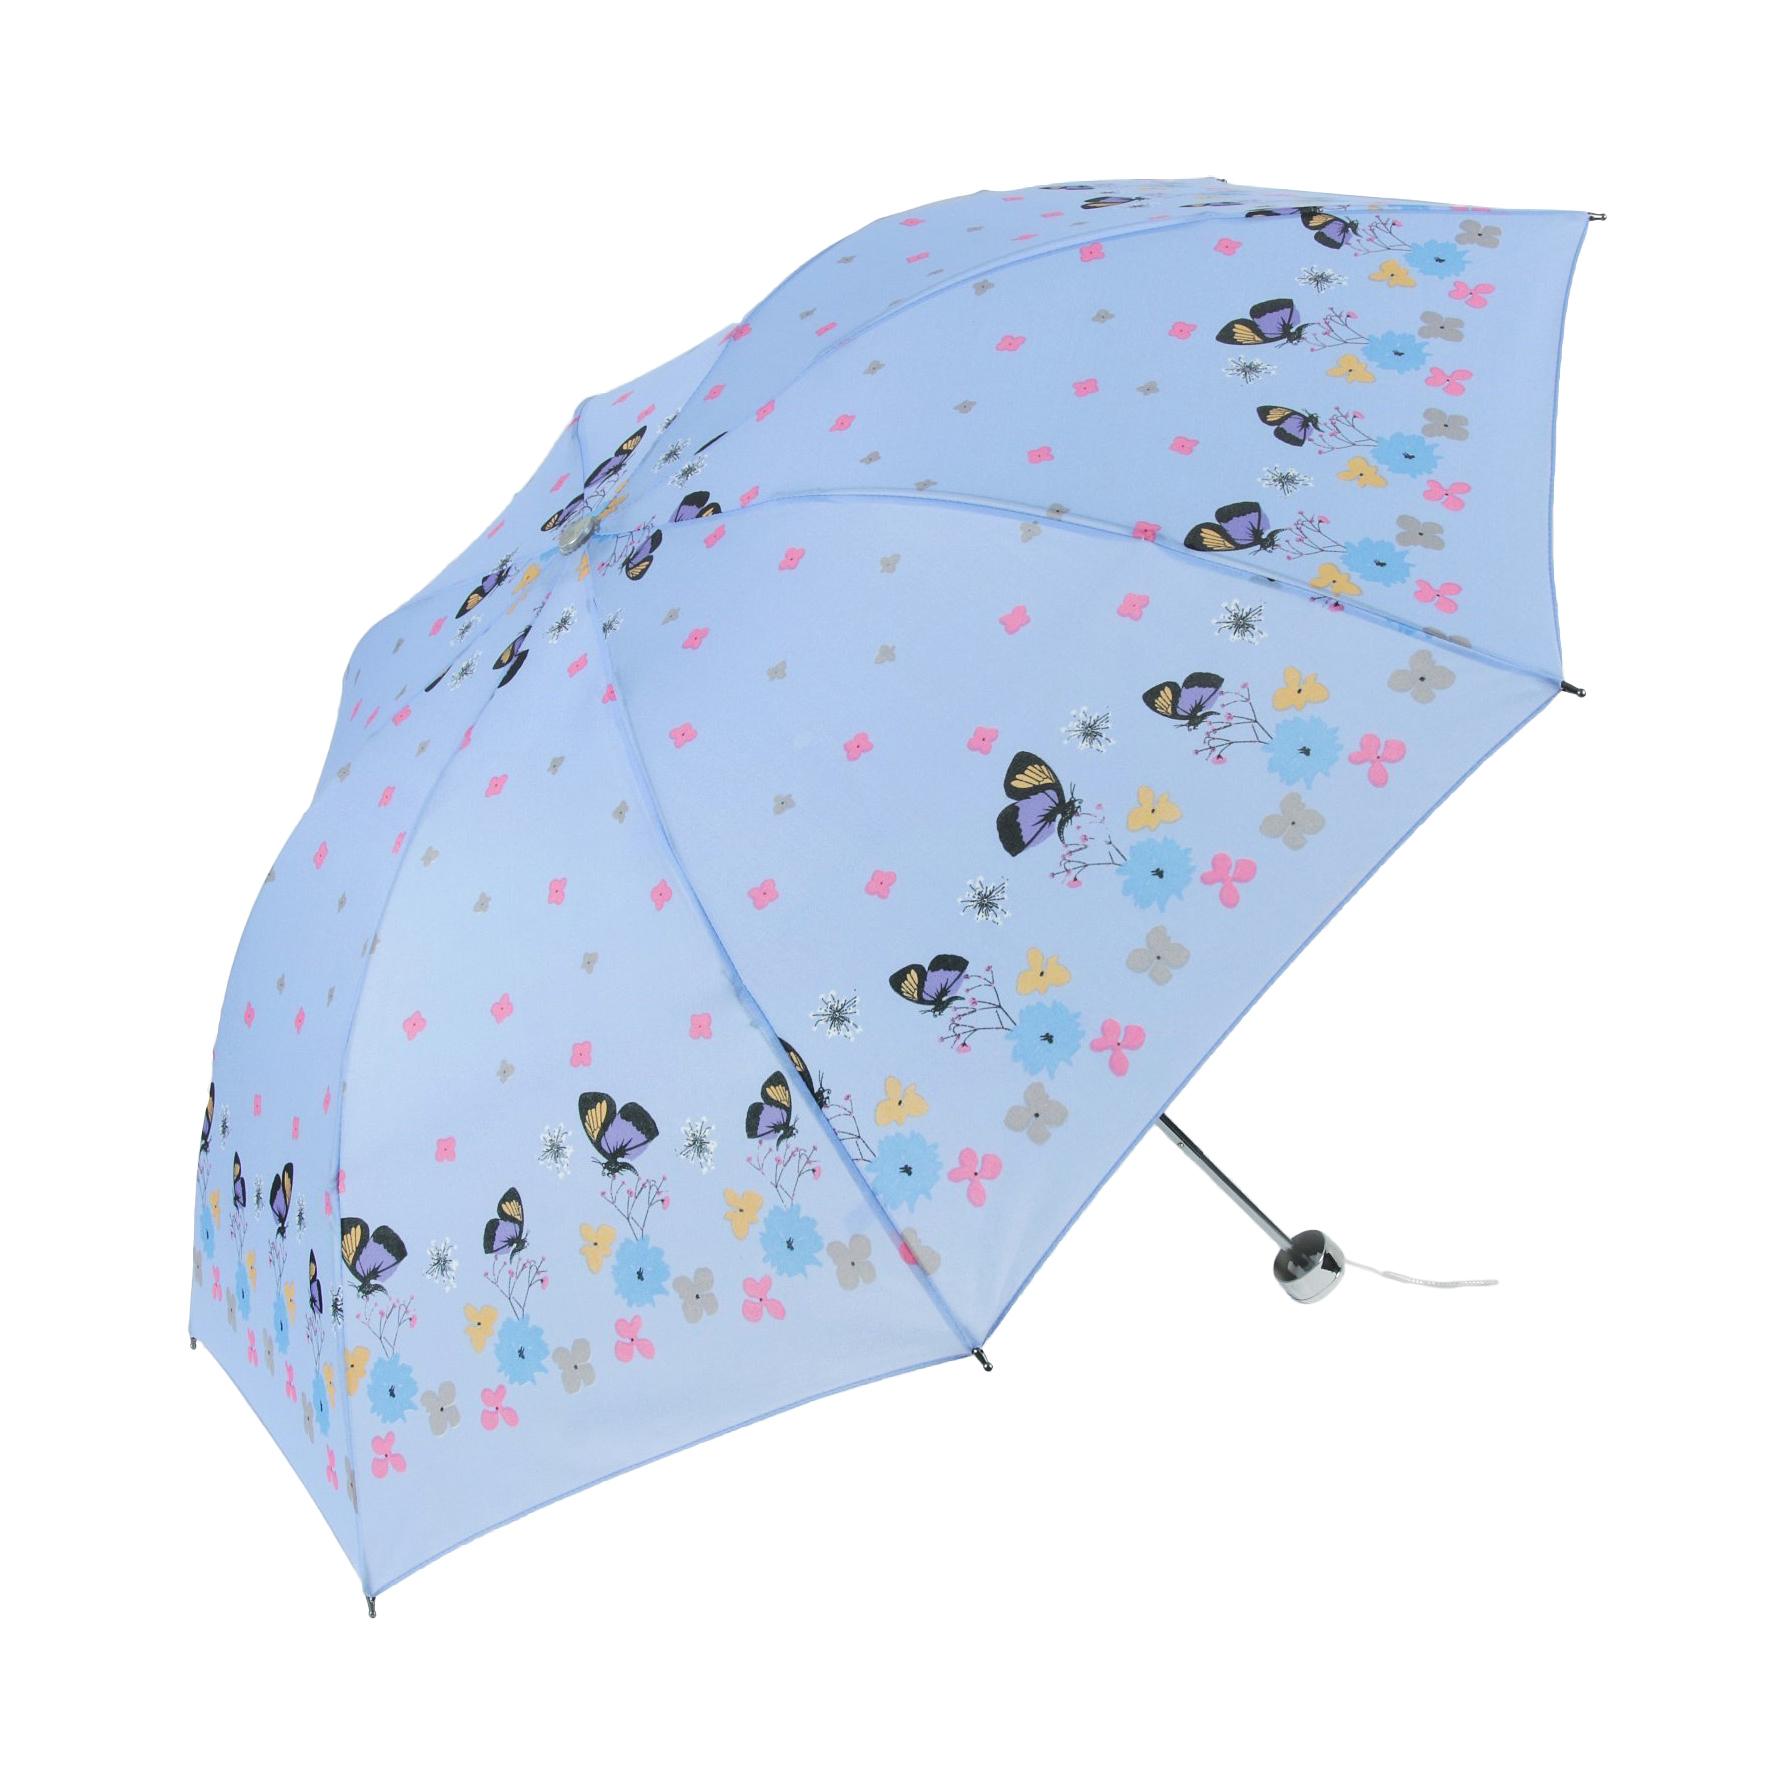 Зонт механический Sima женский Весенняя полянка 4 сложения